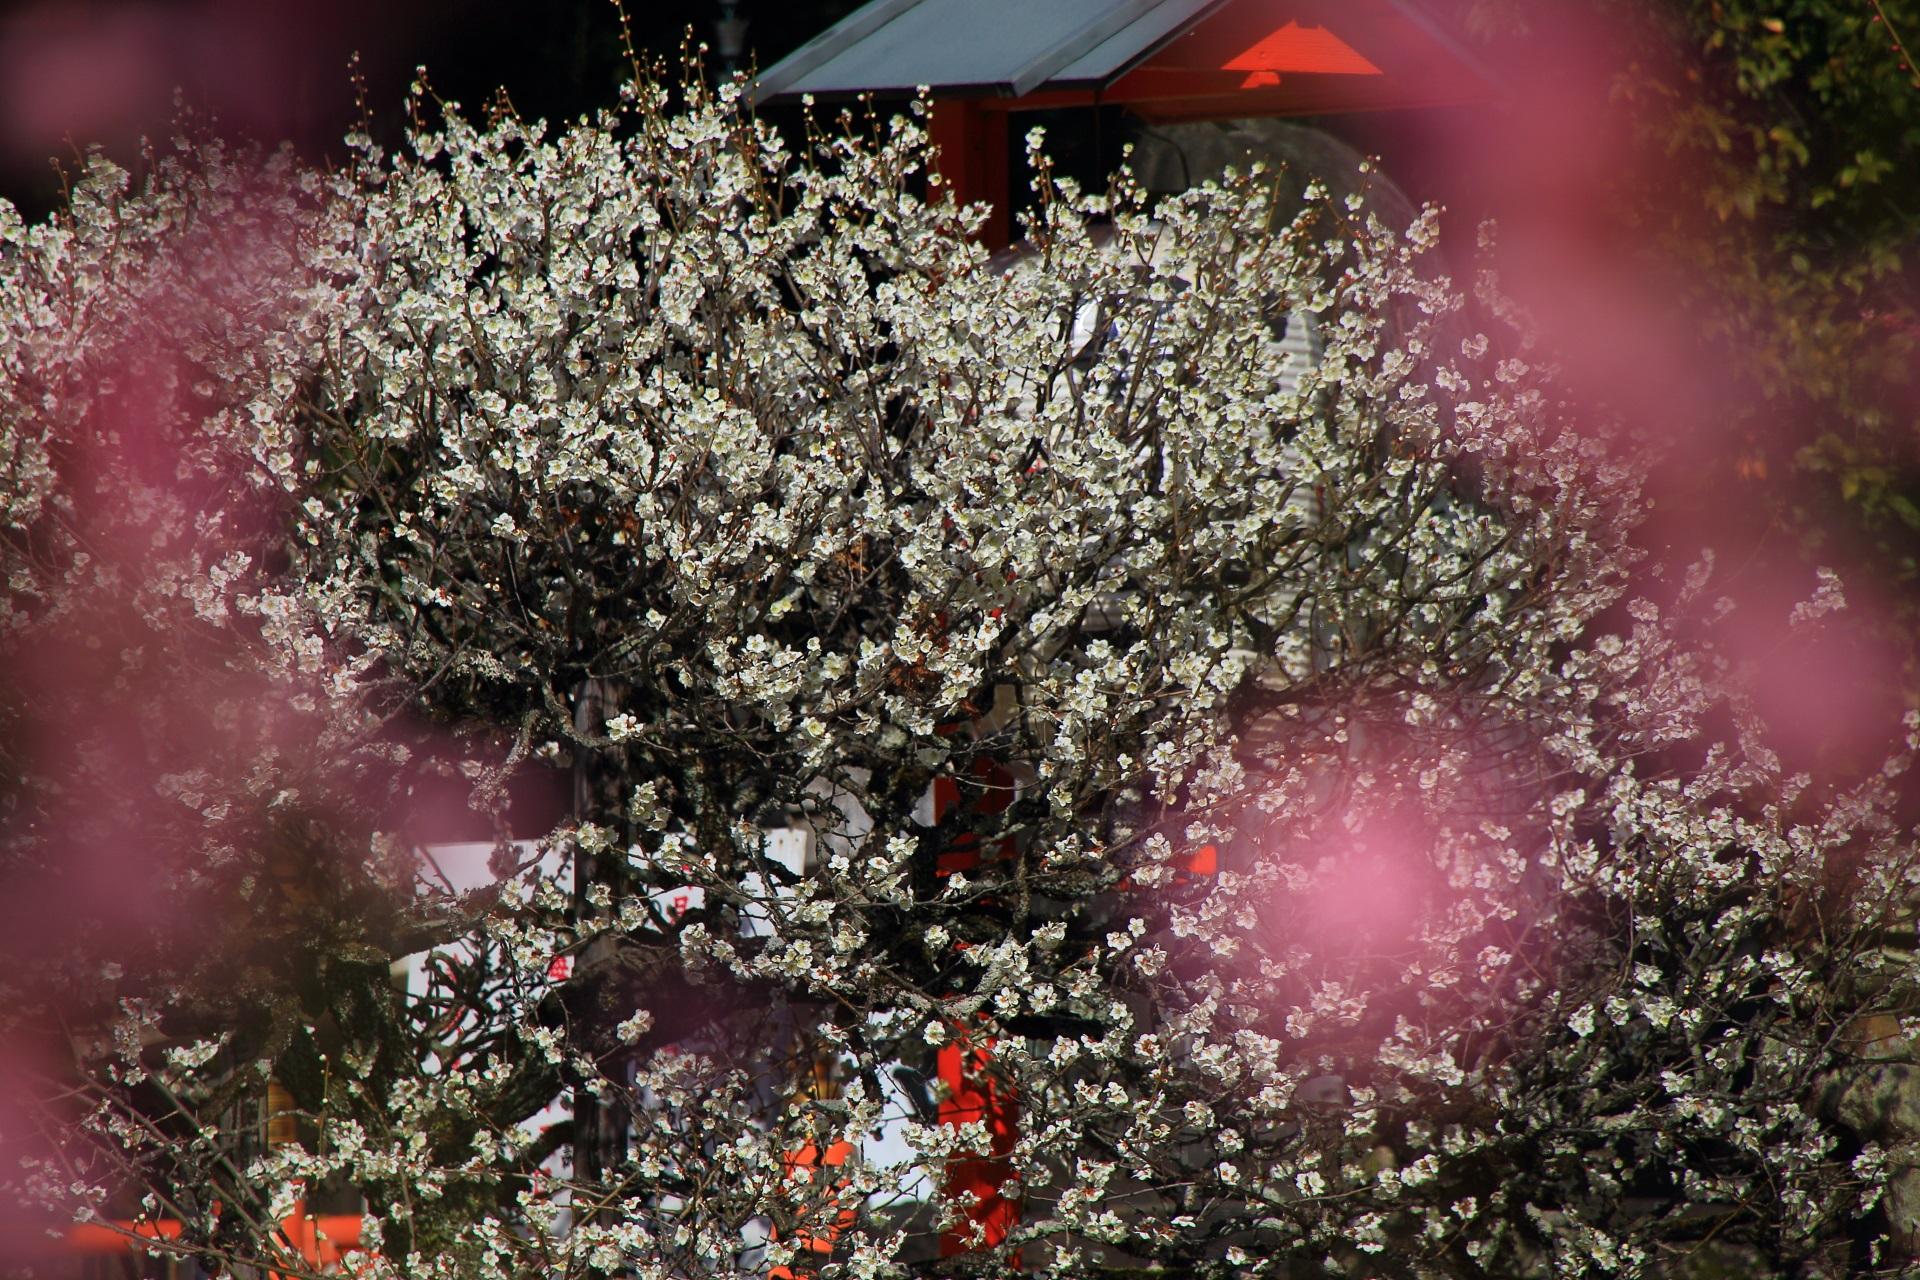 ピンクのしだれ梅越しに眺めた溢れんばかりに咲く白梅